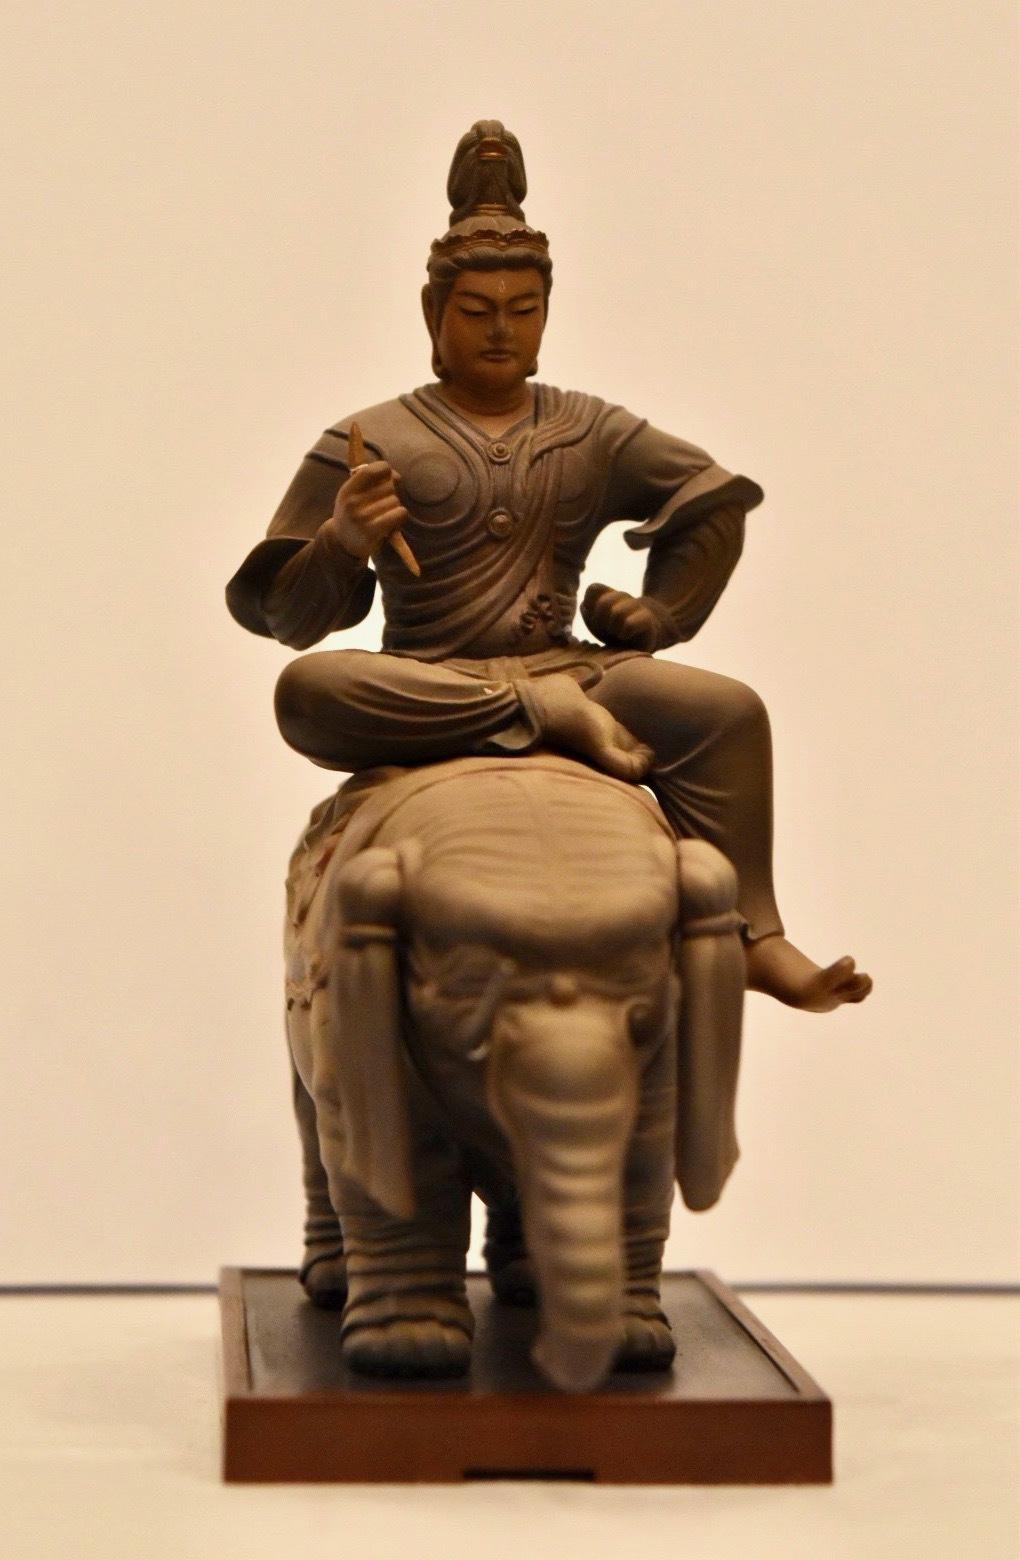 海洋堂製「帝釈天騎象像」 (C) KAIYODO